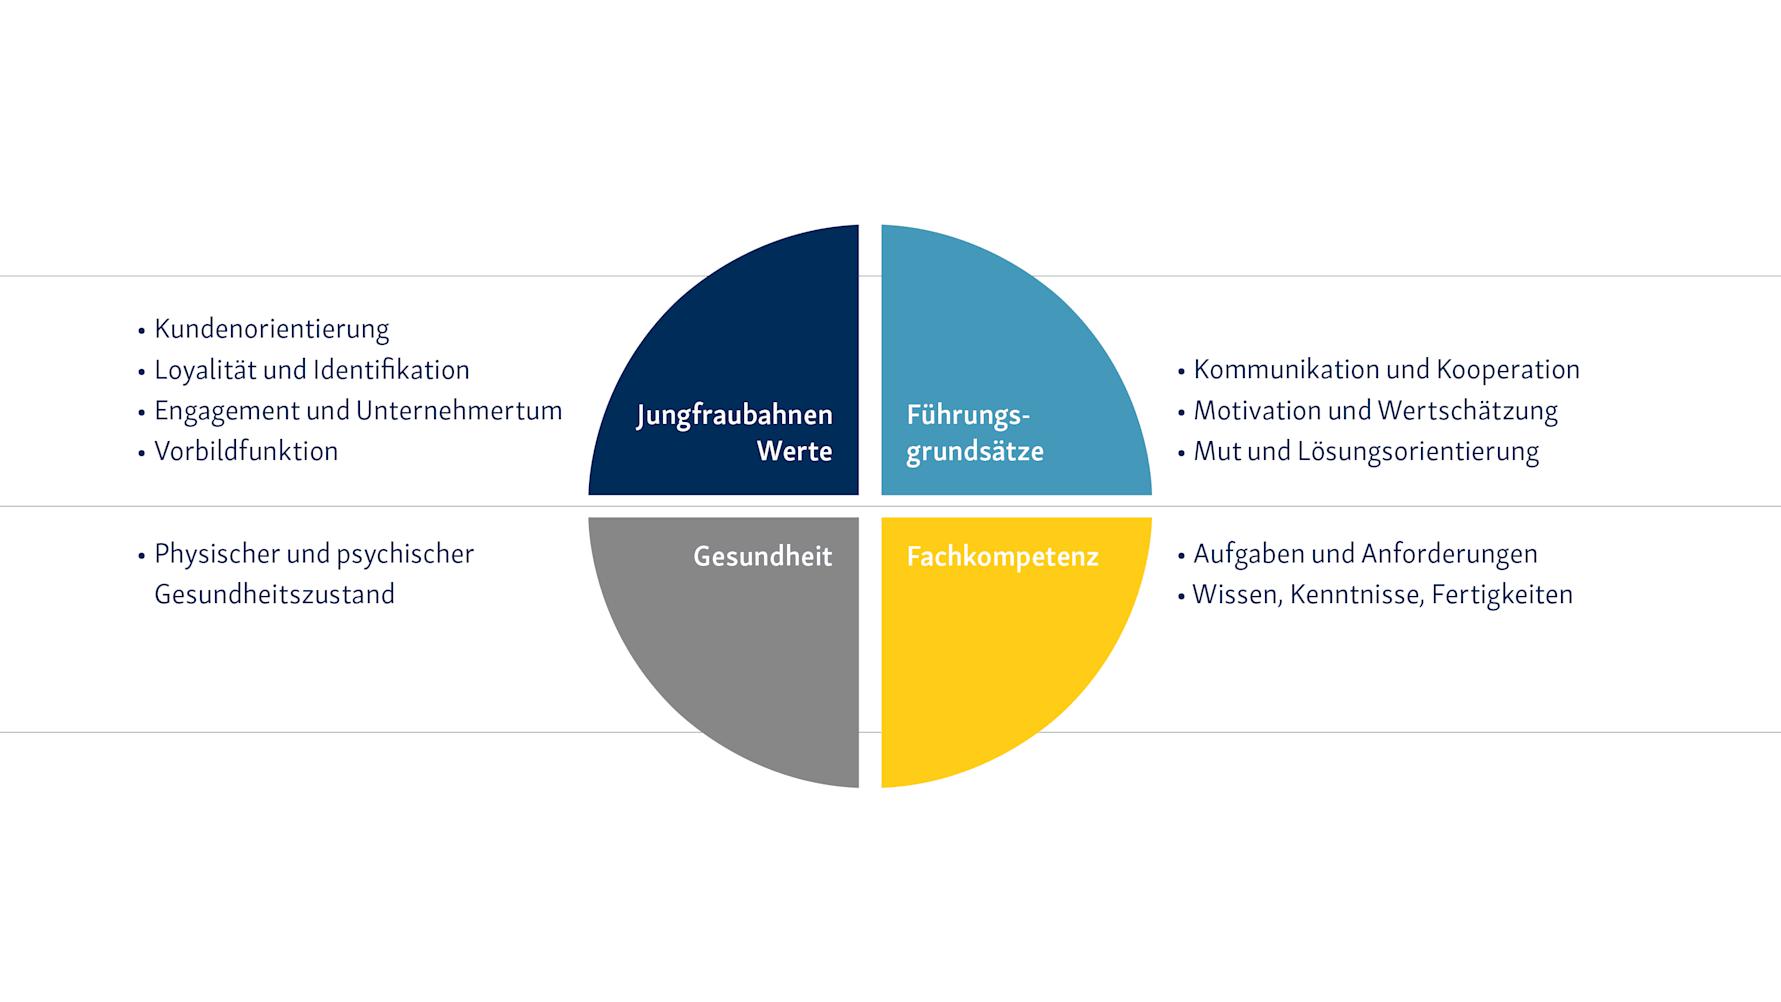 Kompetenzmodell der Jungfraubahnen A2 n